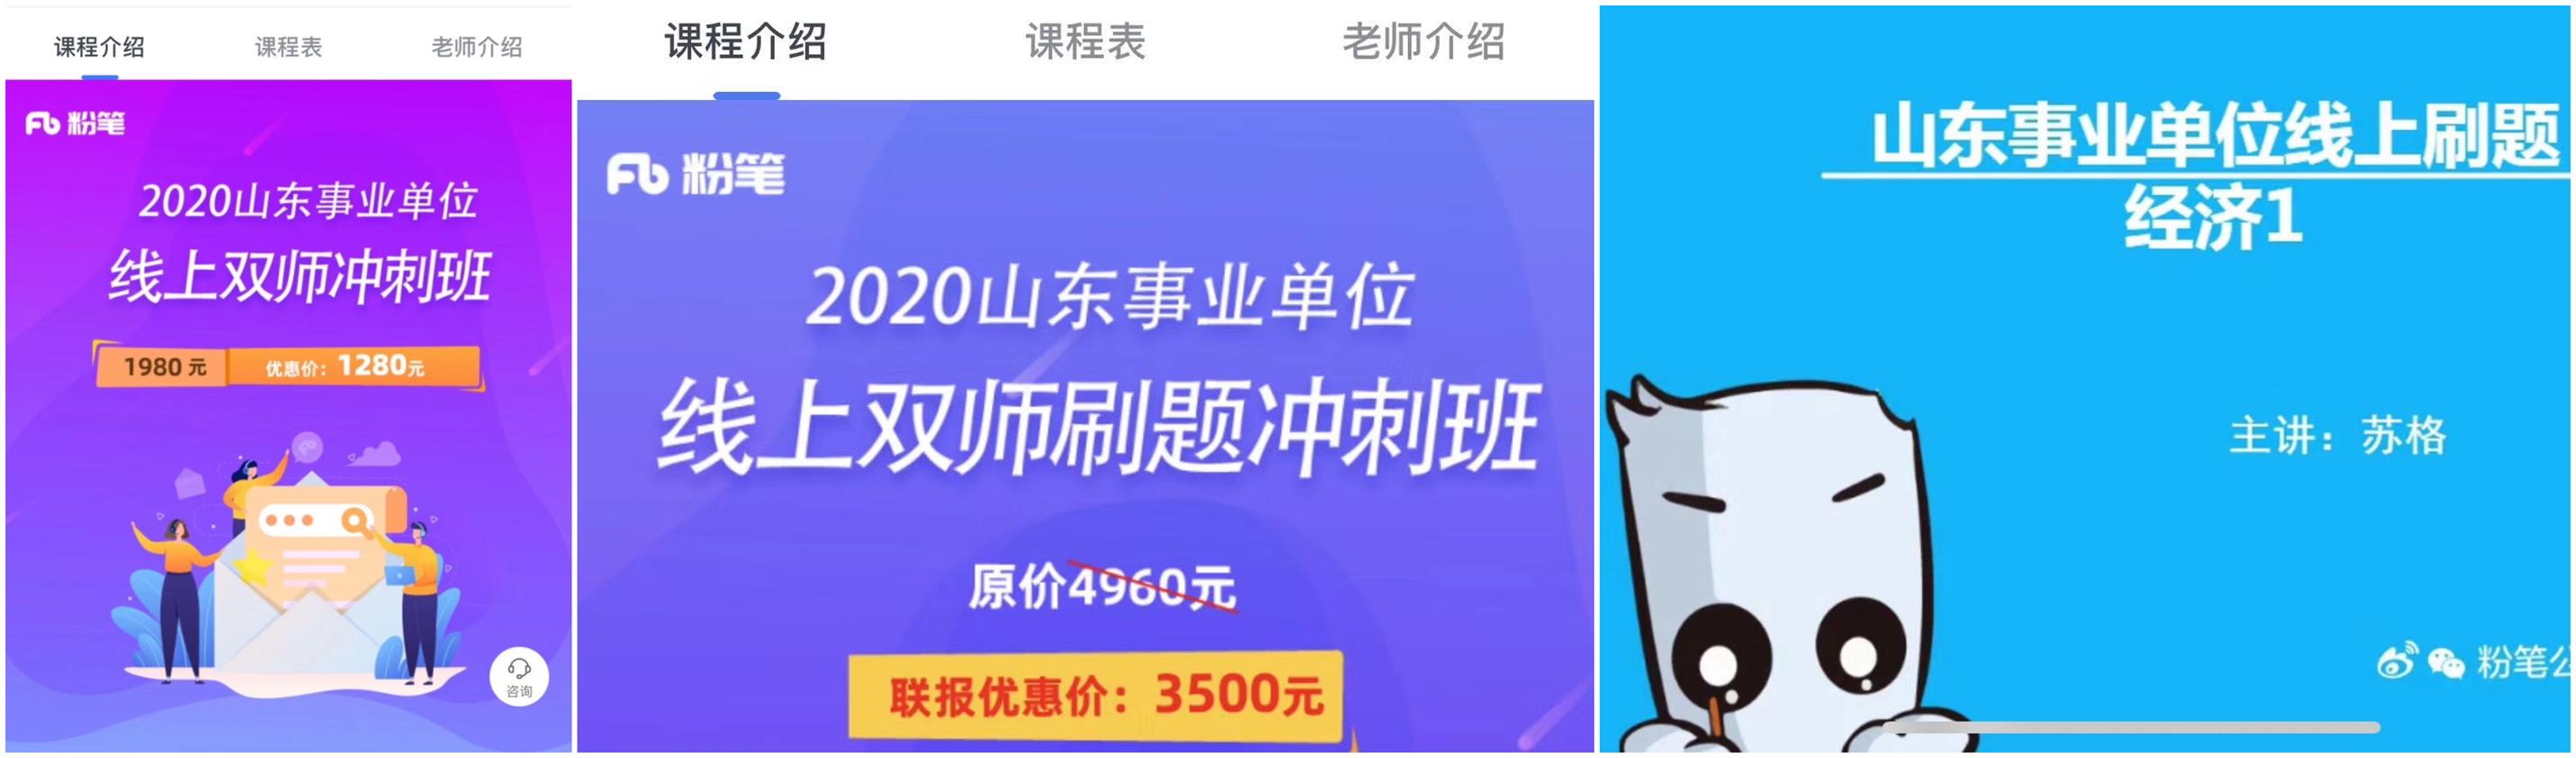 51公考上岸网www.51gksa.com2020山东事业单位双师刷题班+冲刺班